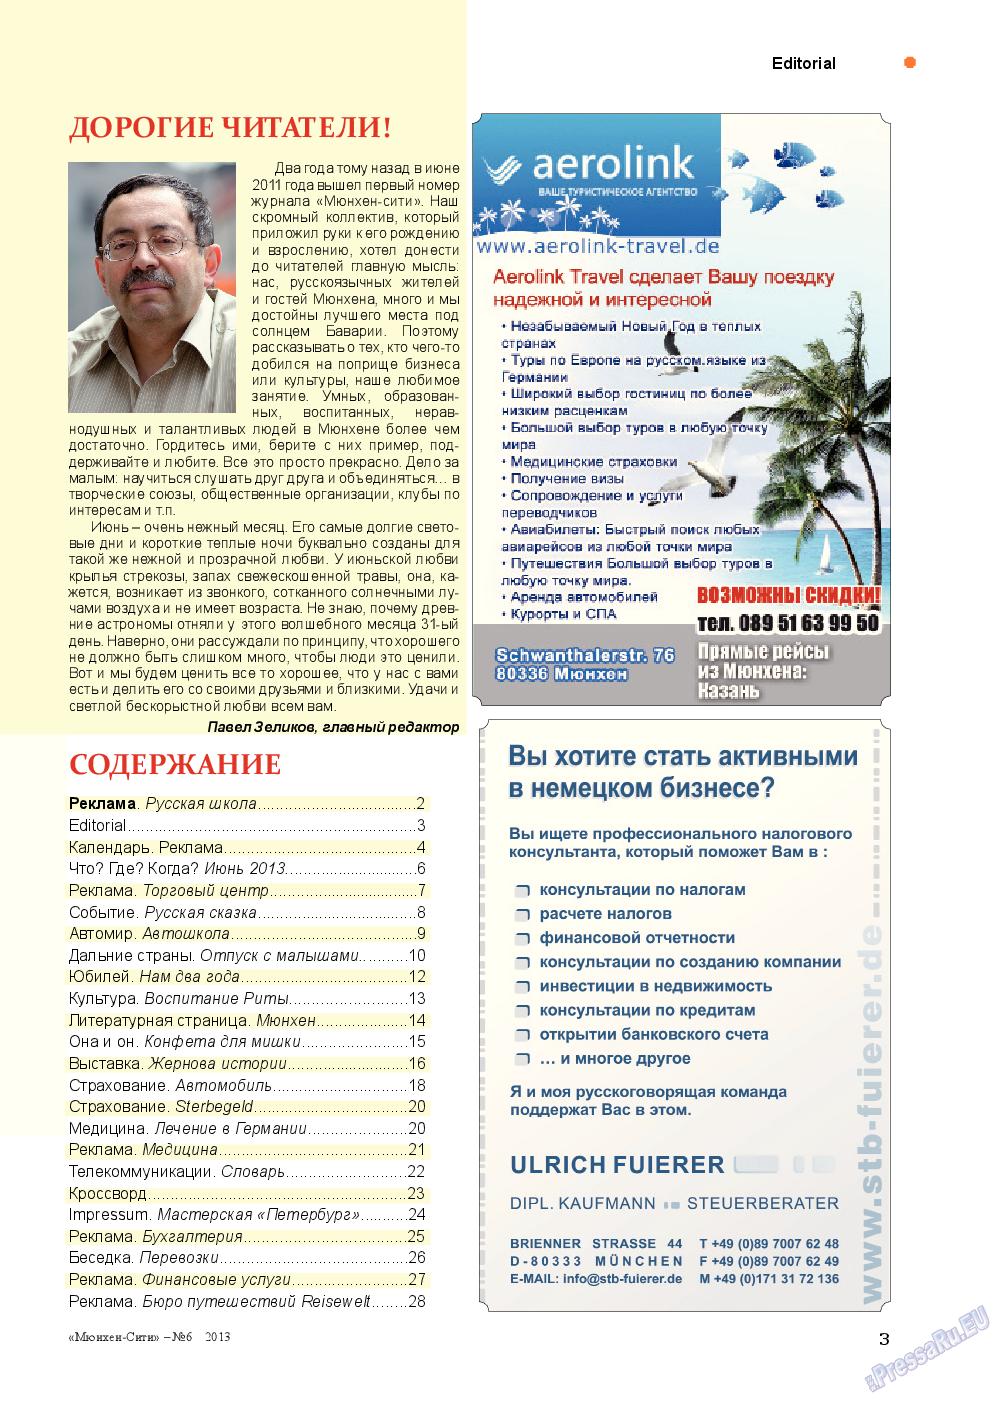 Мюнхен-сити (журнал). 2013 год, номер 6, стр. 3